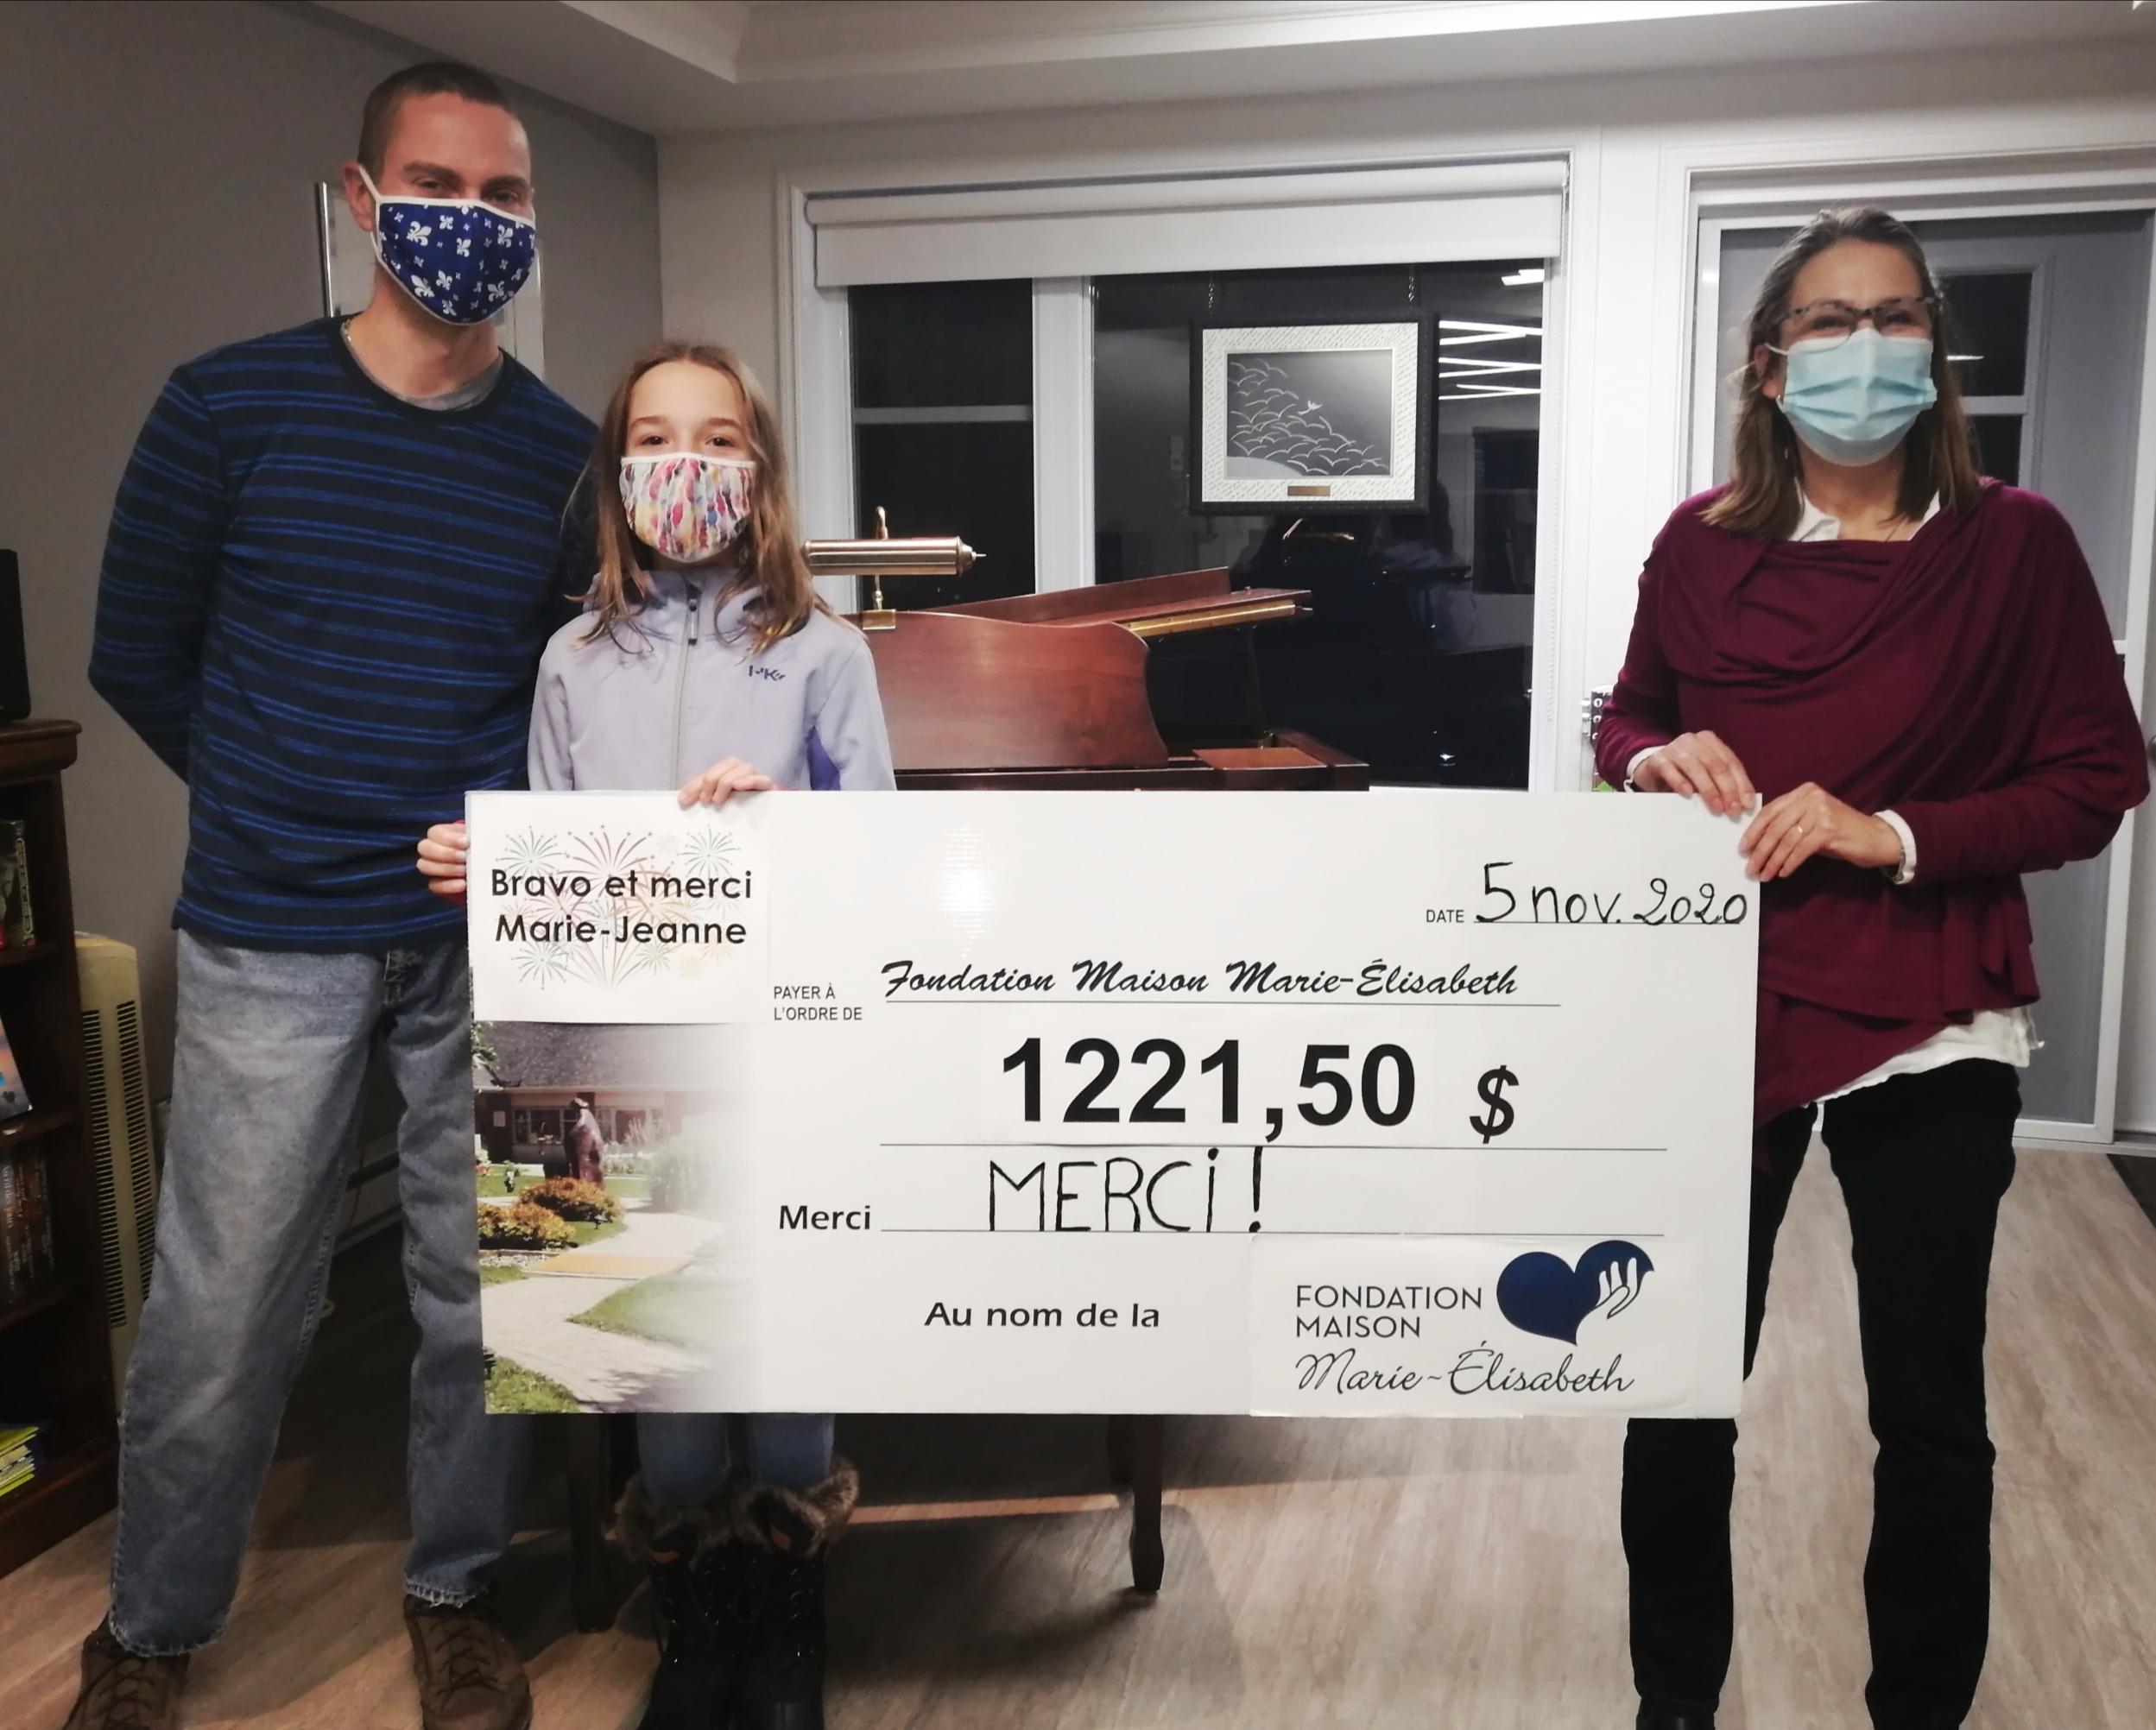 Marie-Jeanne Gagné, 12 ans, et son père, Francis Gagné, ont officiellement remis les 1 221,50 $ recueillis à la directrice générale de la Maison Marie-Élisabeth, Paule Côté.